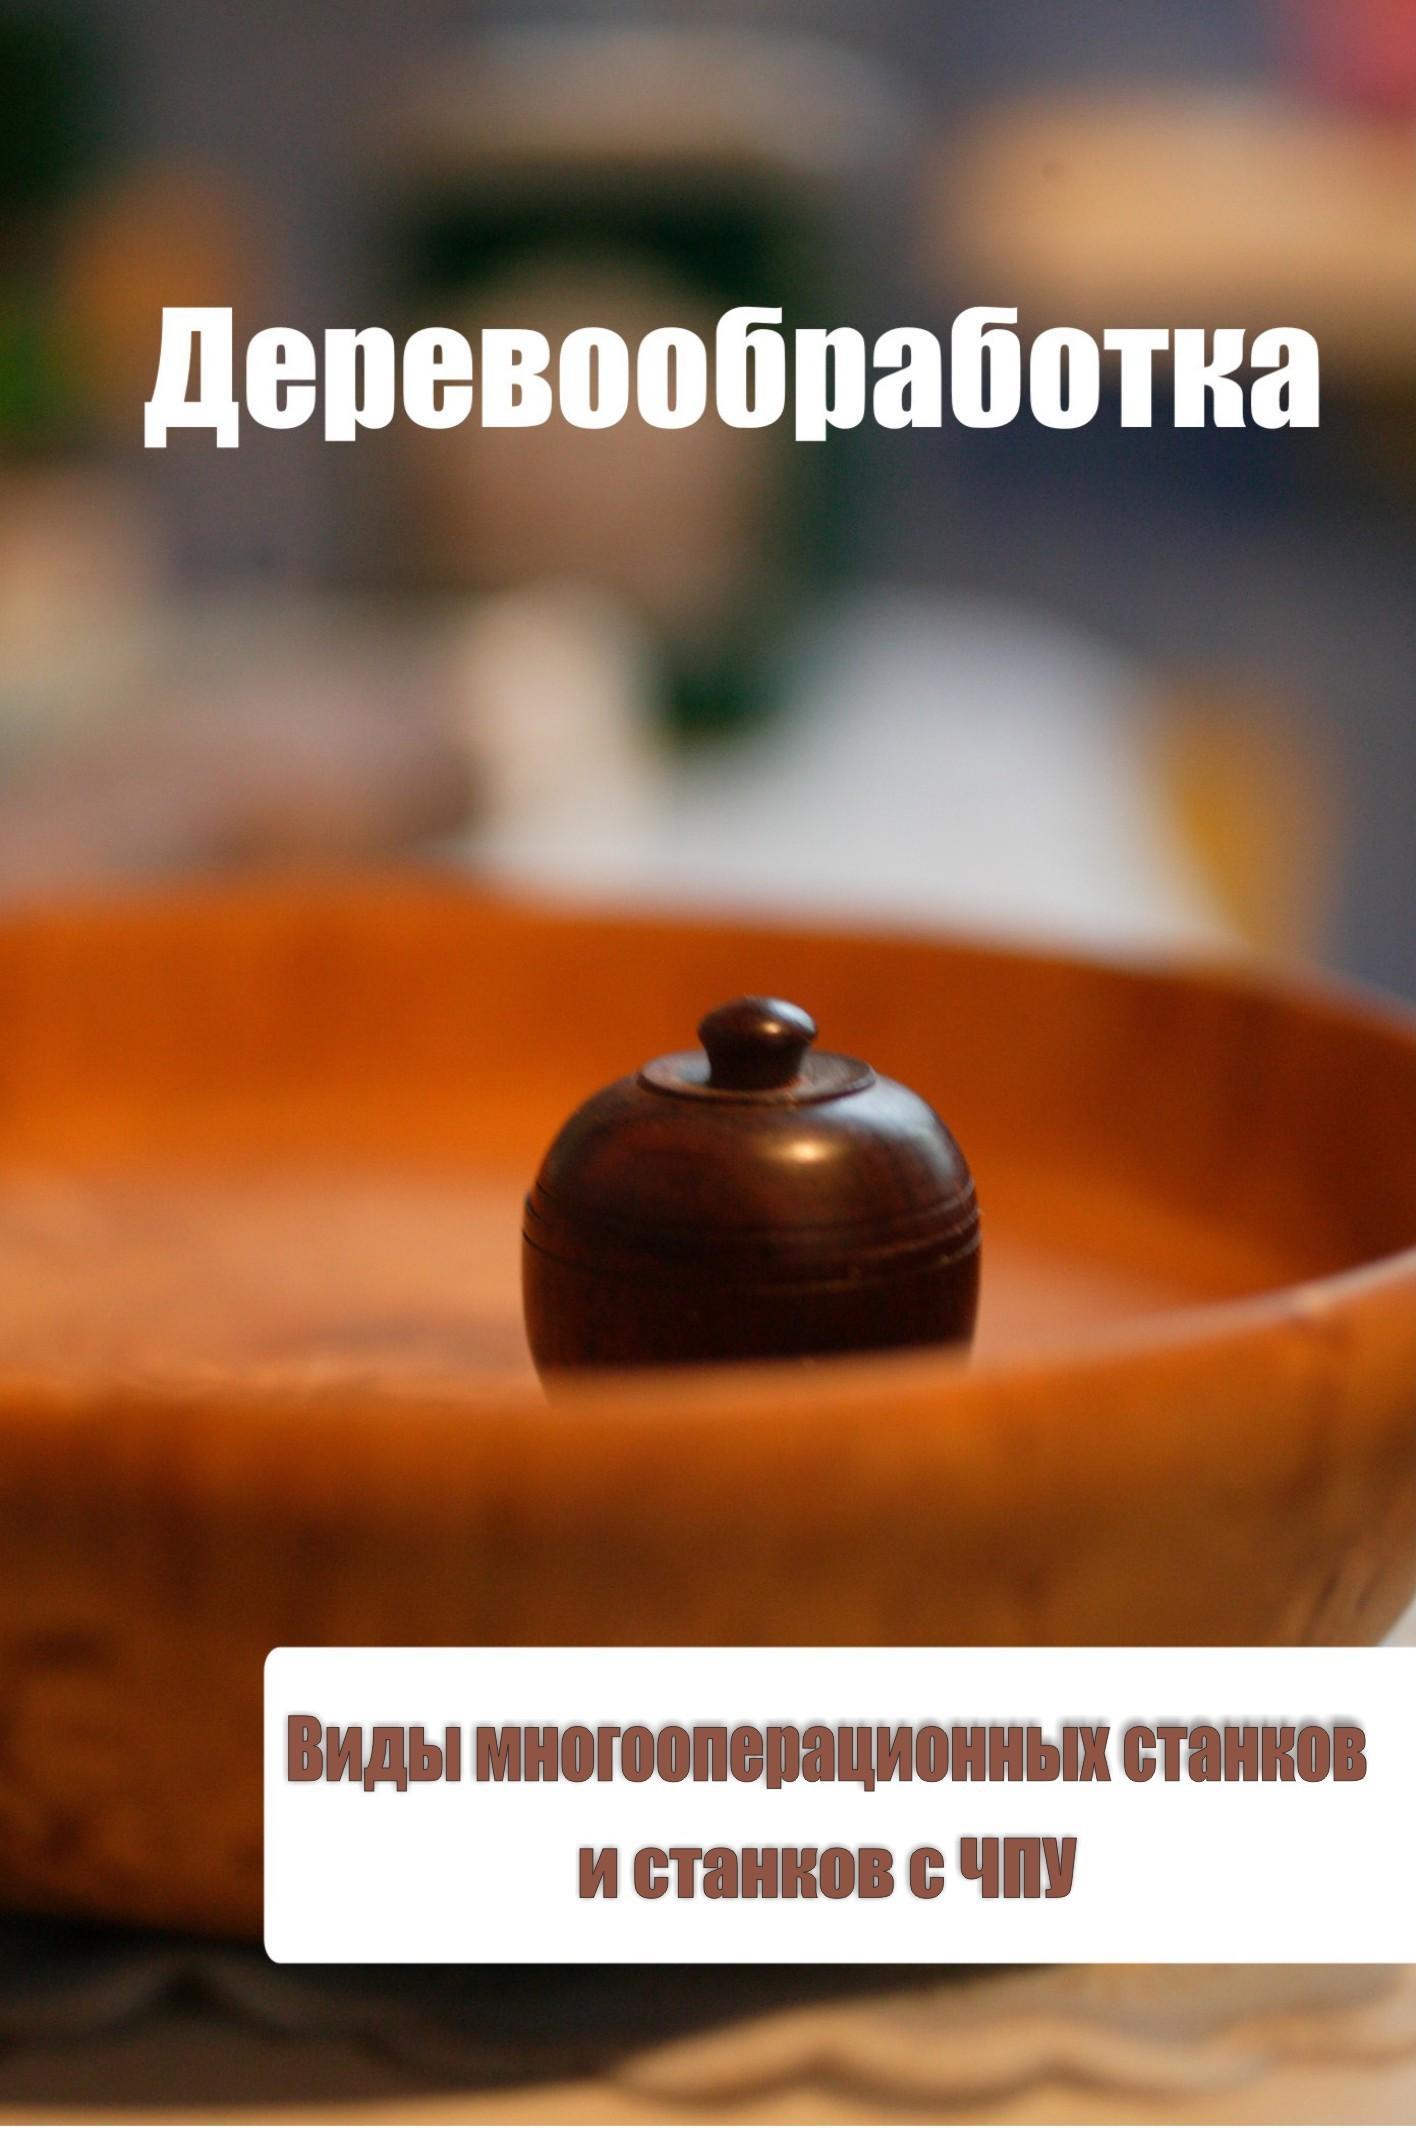 Илья Мельников Виды многооперационных станков и станков с ЧПУ